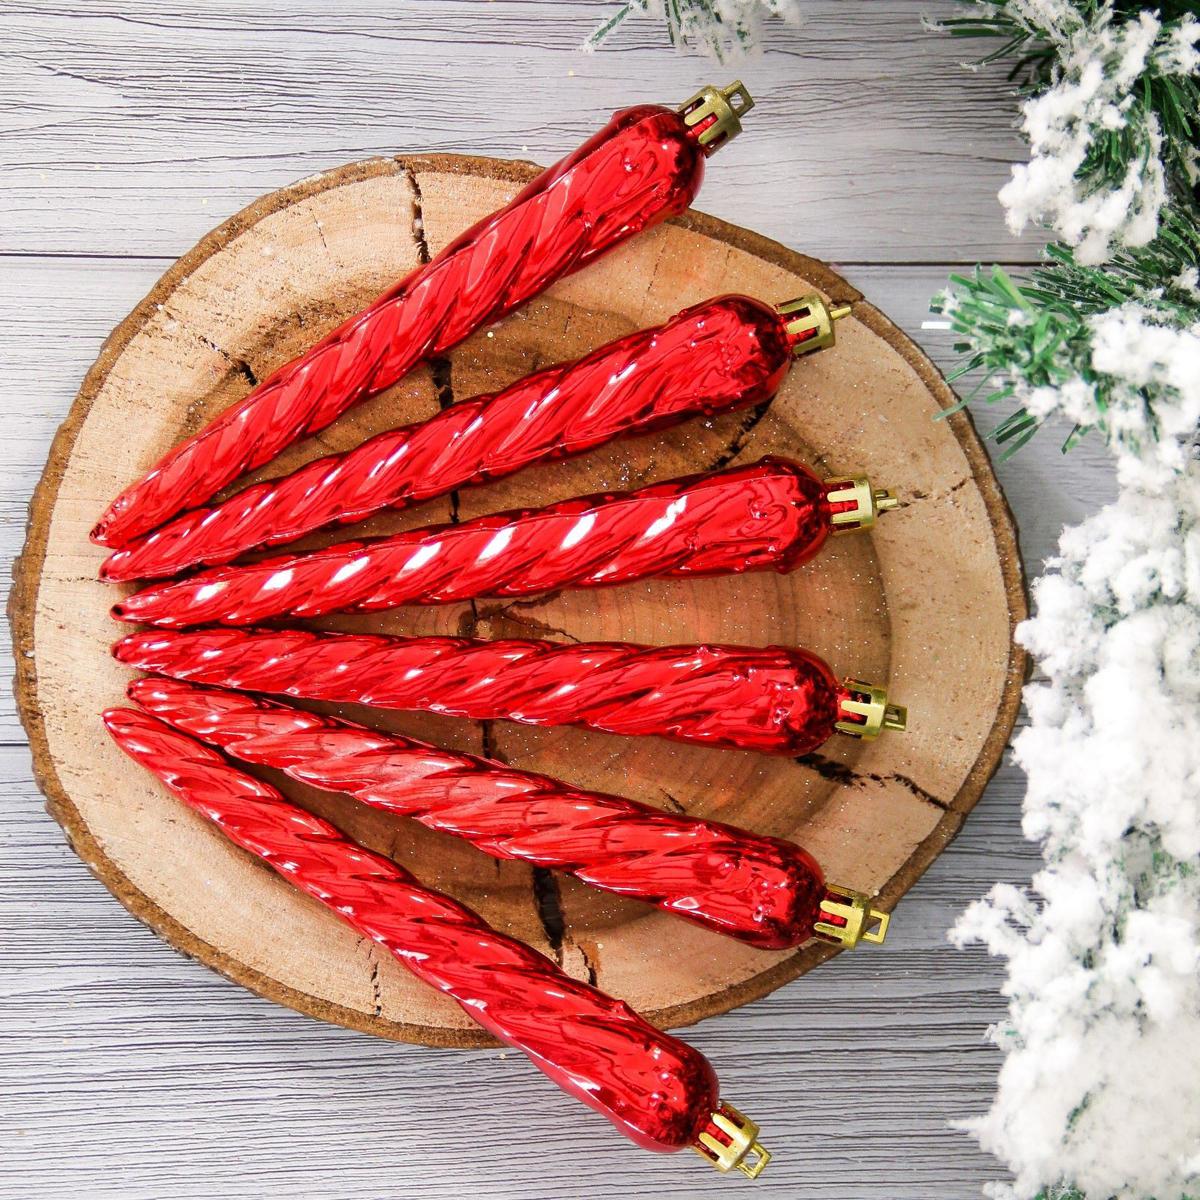 Набор новогодних подвесных украшений Сосульки, длина 16 см, 12 шт2155325Набор новогодних подвесных украшений отлично подойдет для декорации вашего дома и новогодней ели. С помощью специальной петельки украшение можно повесить в любом понравившемся вам месте. Но, конечно, удачнее всего оно будет смотреться на праздничной елке.Елочная игрушка - символ Нового года. Она несет в себе волшебство и красоту праздника. Такое украшение создаст в вашем доме атмосферу праздника, веселья и радости.